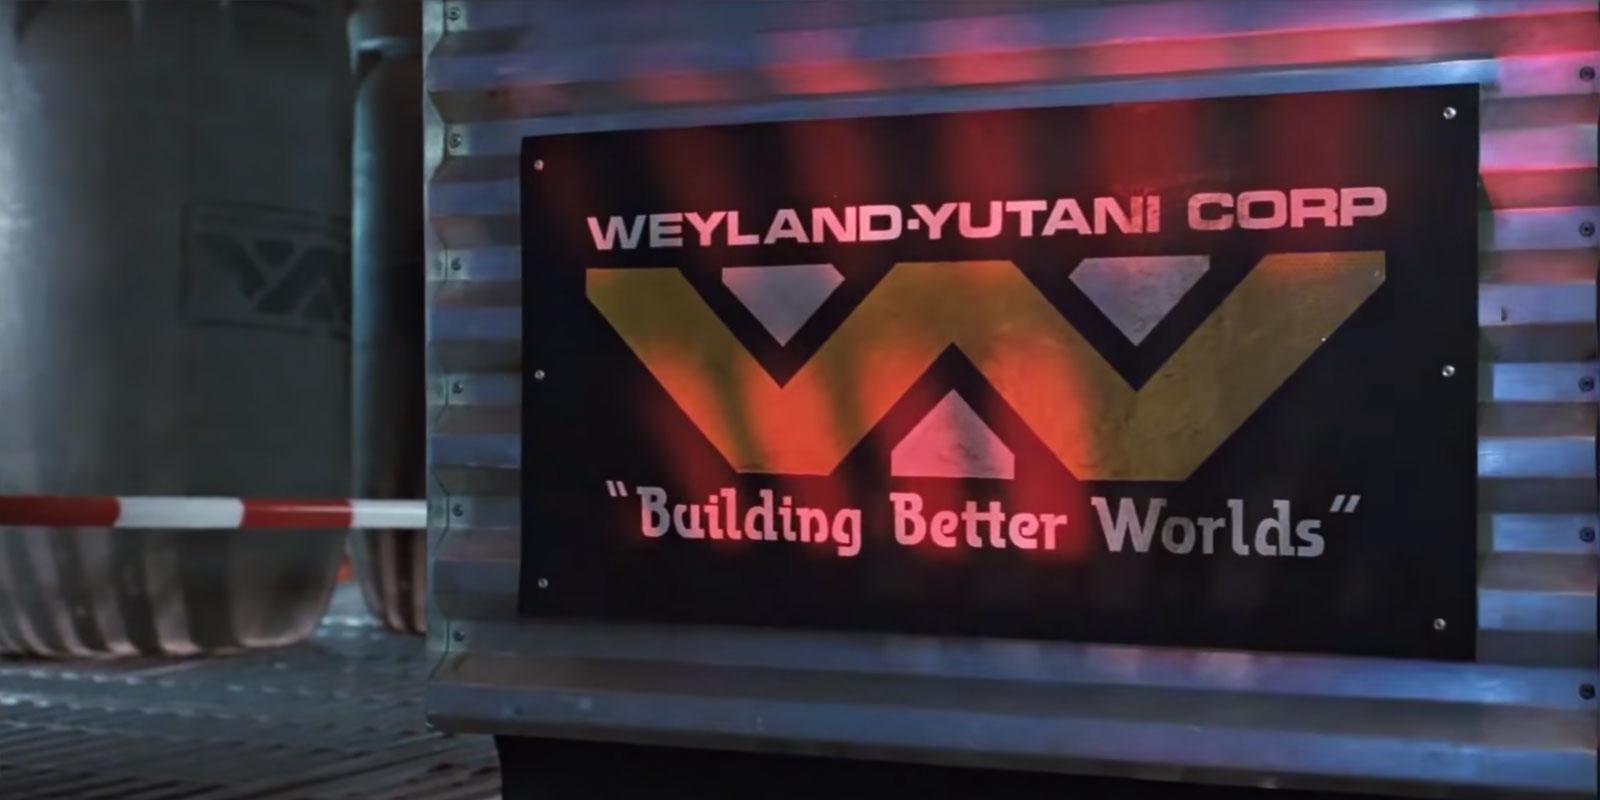 Weyland-Yutani Corporation из вселенной Чужих